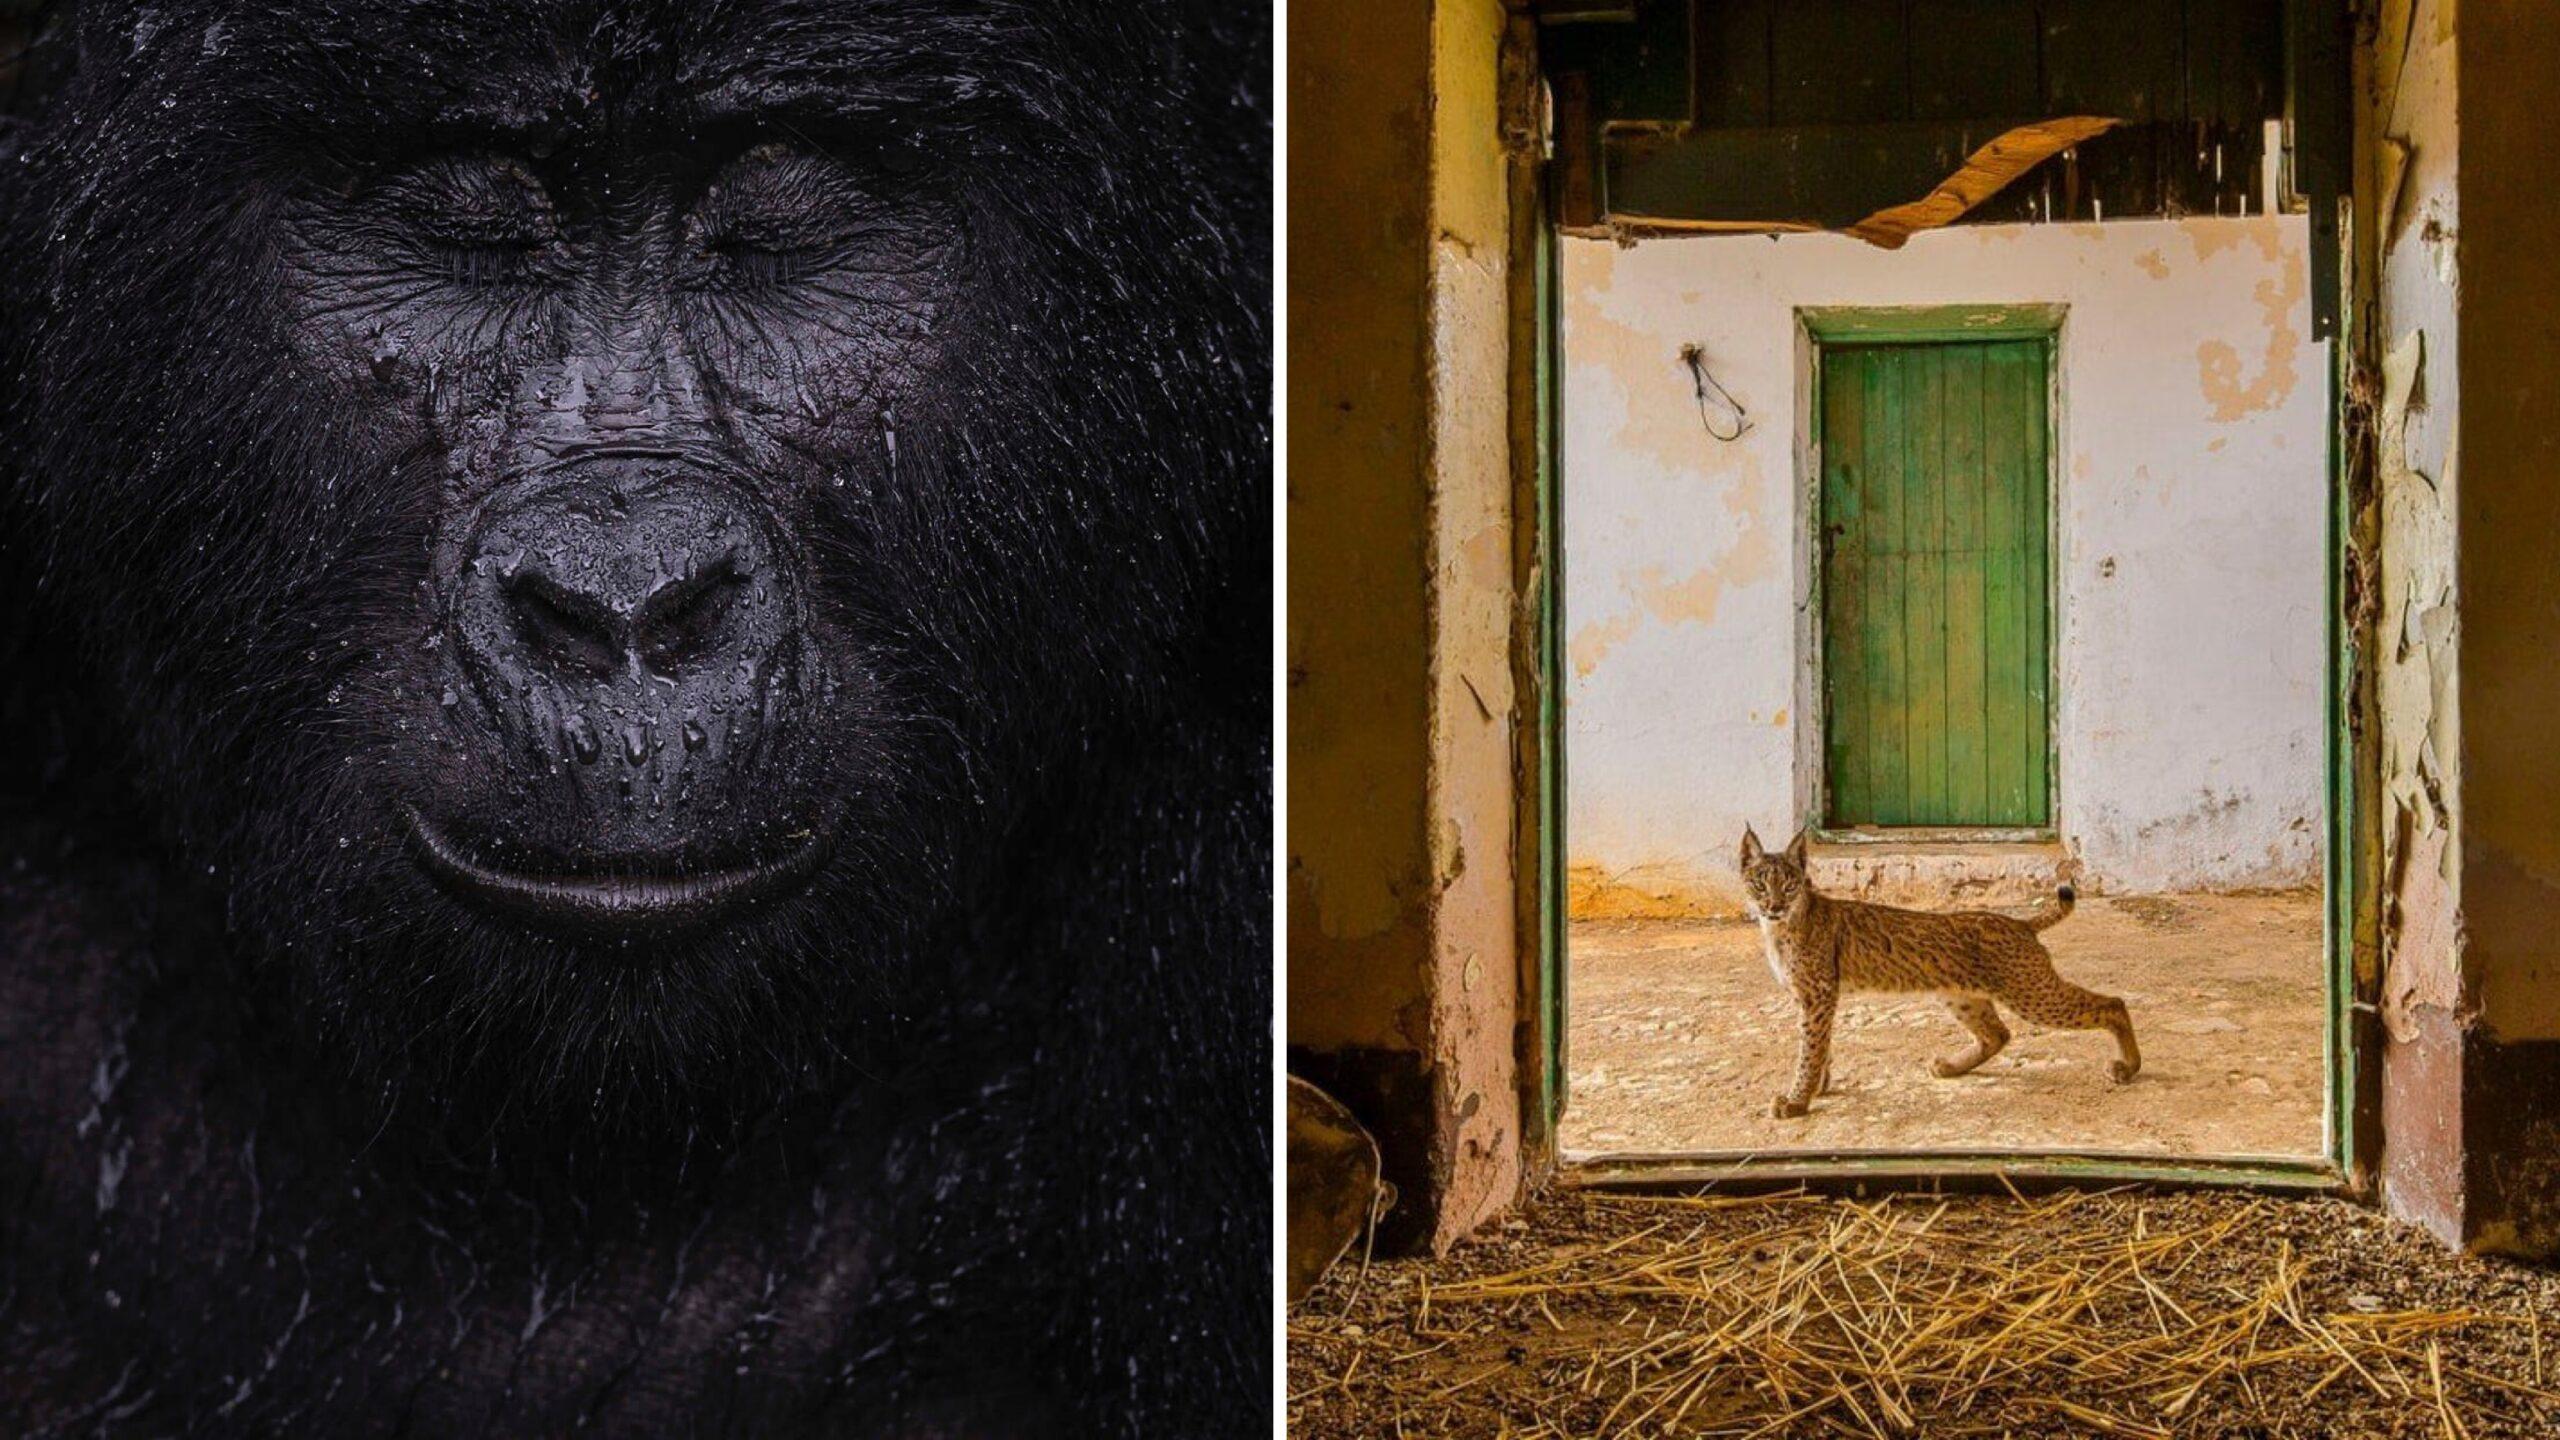 Ganadores del premio al fotógrafo de vida silvestre del año 2021